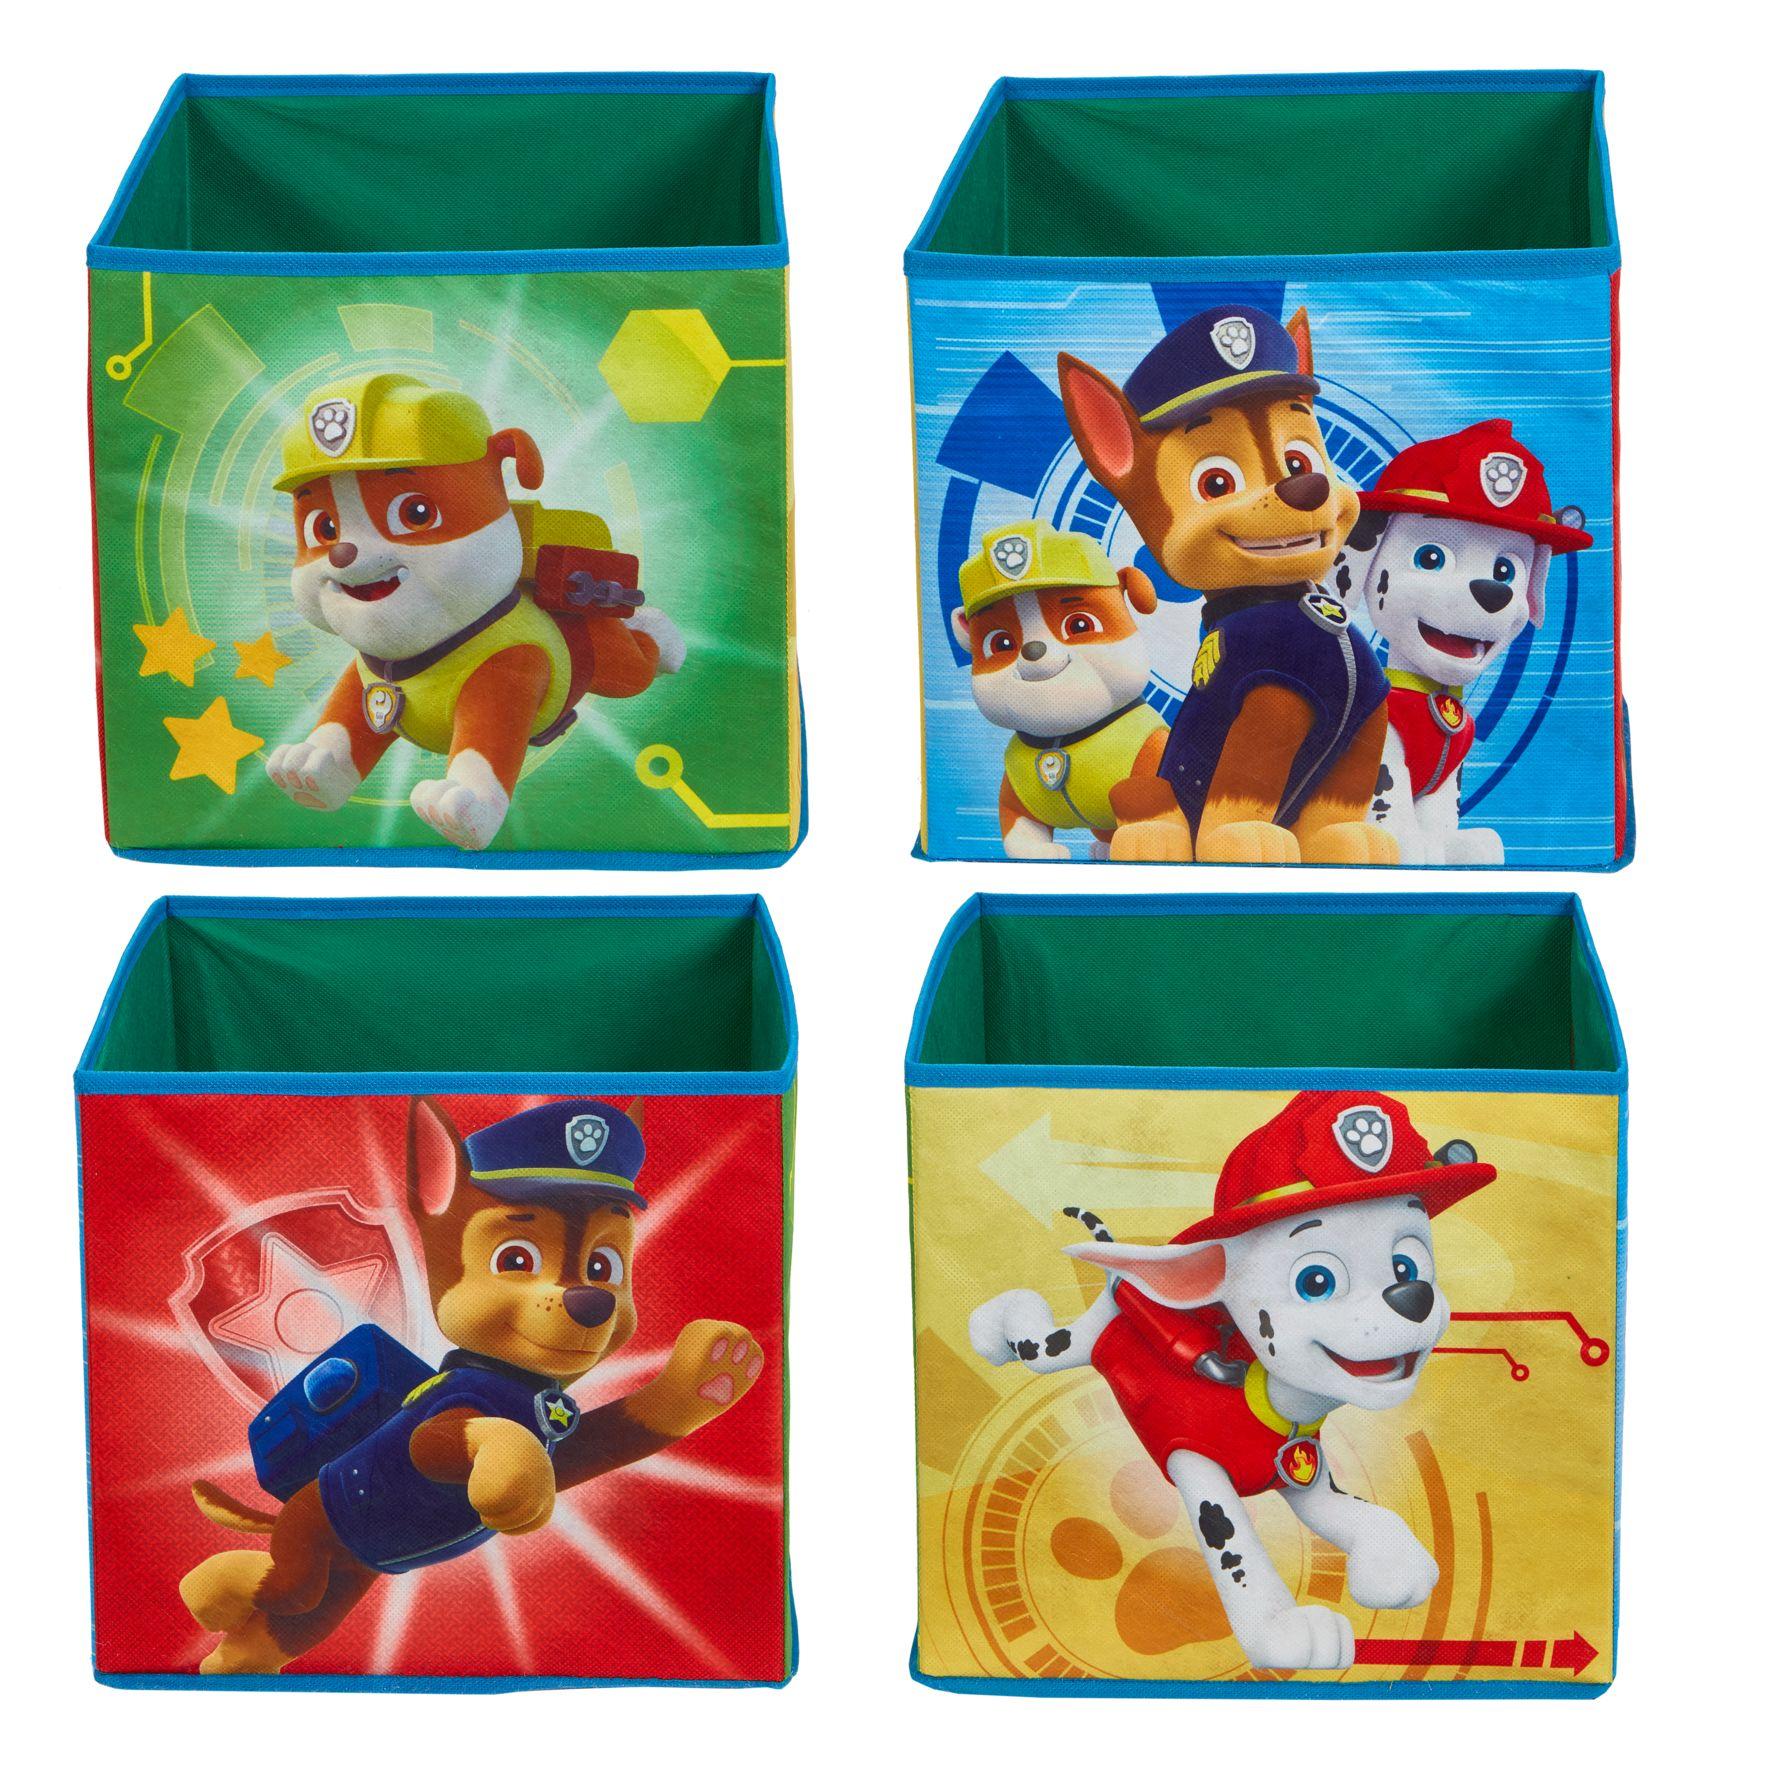 Paw Patrol - Kids Cube Toy Storage Bins (291PTR01NE)